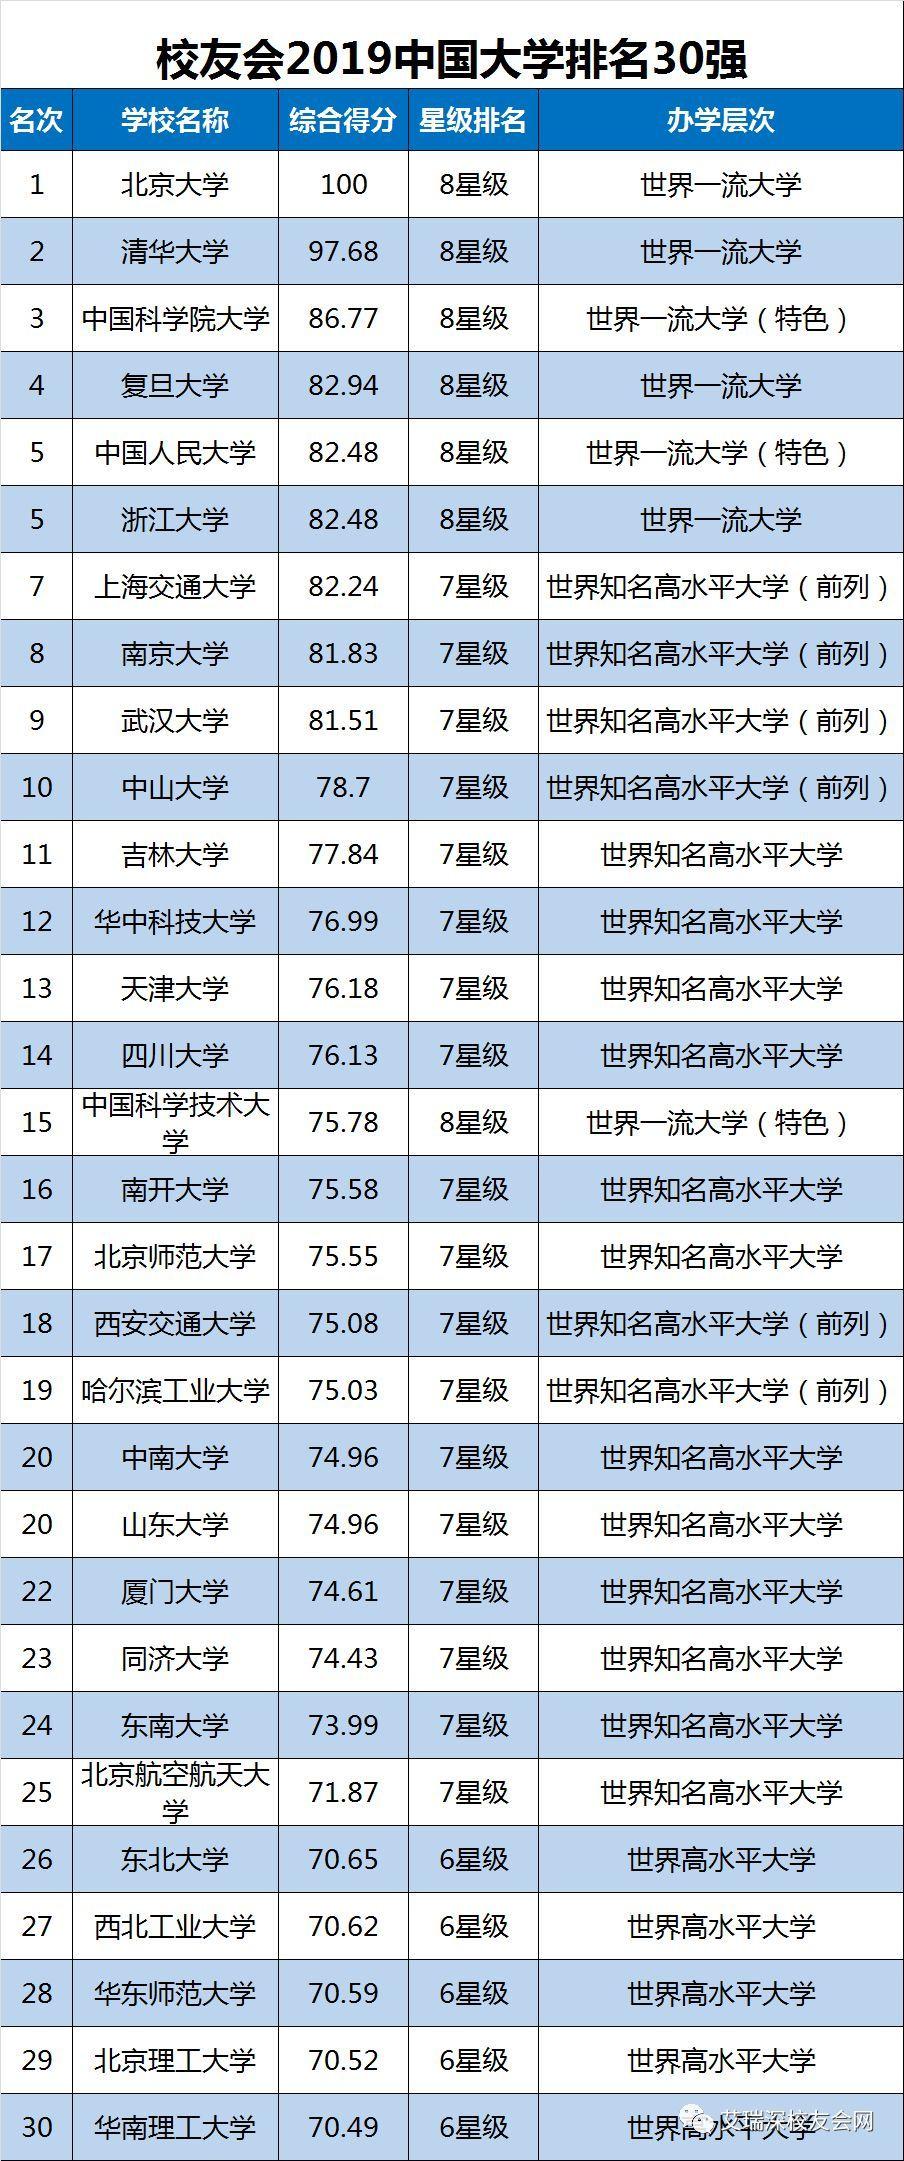 2019年9音乐排行榜_求 2010年9月韩国音乐排行榜